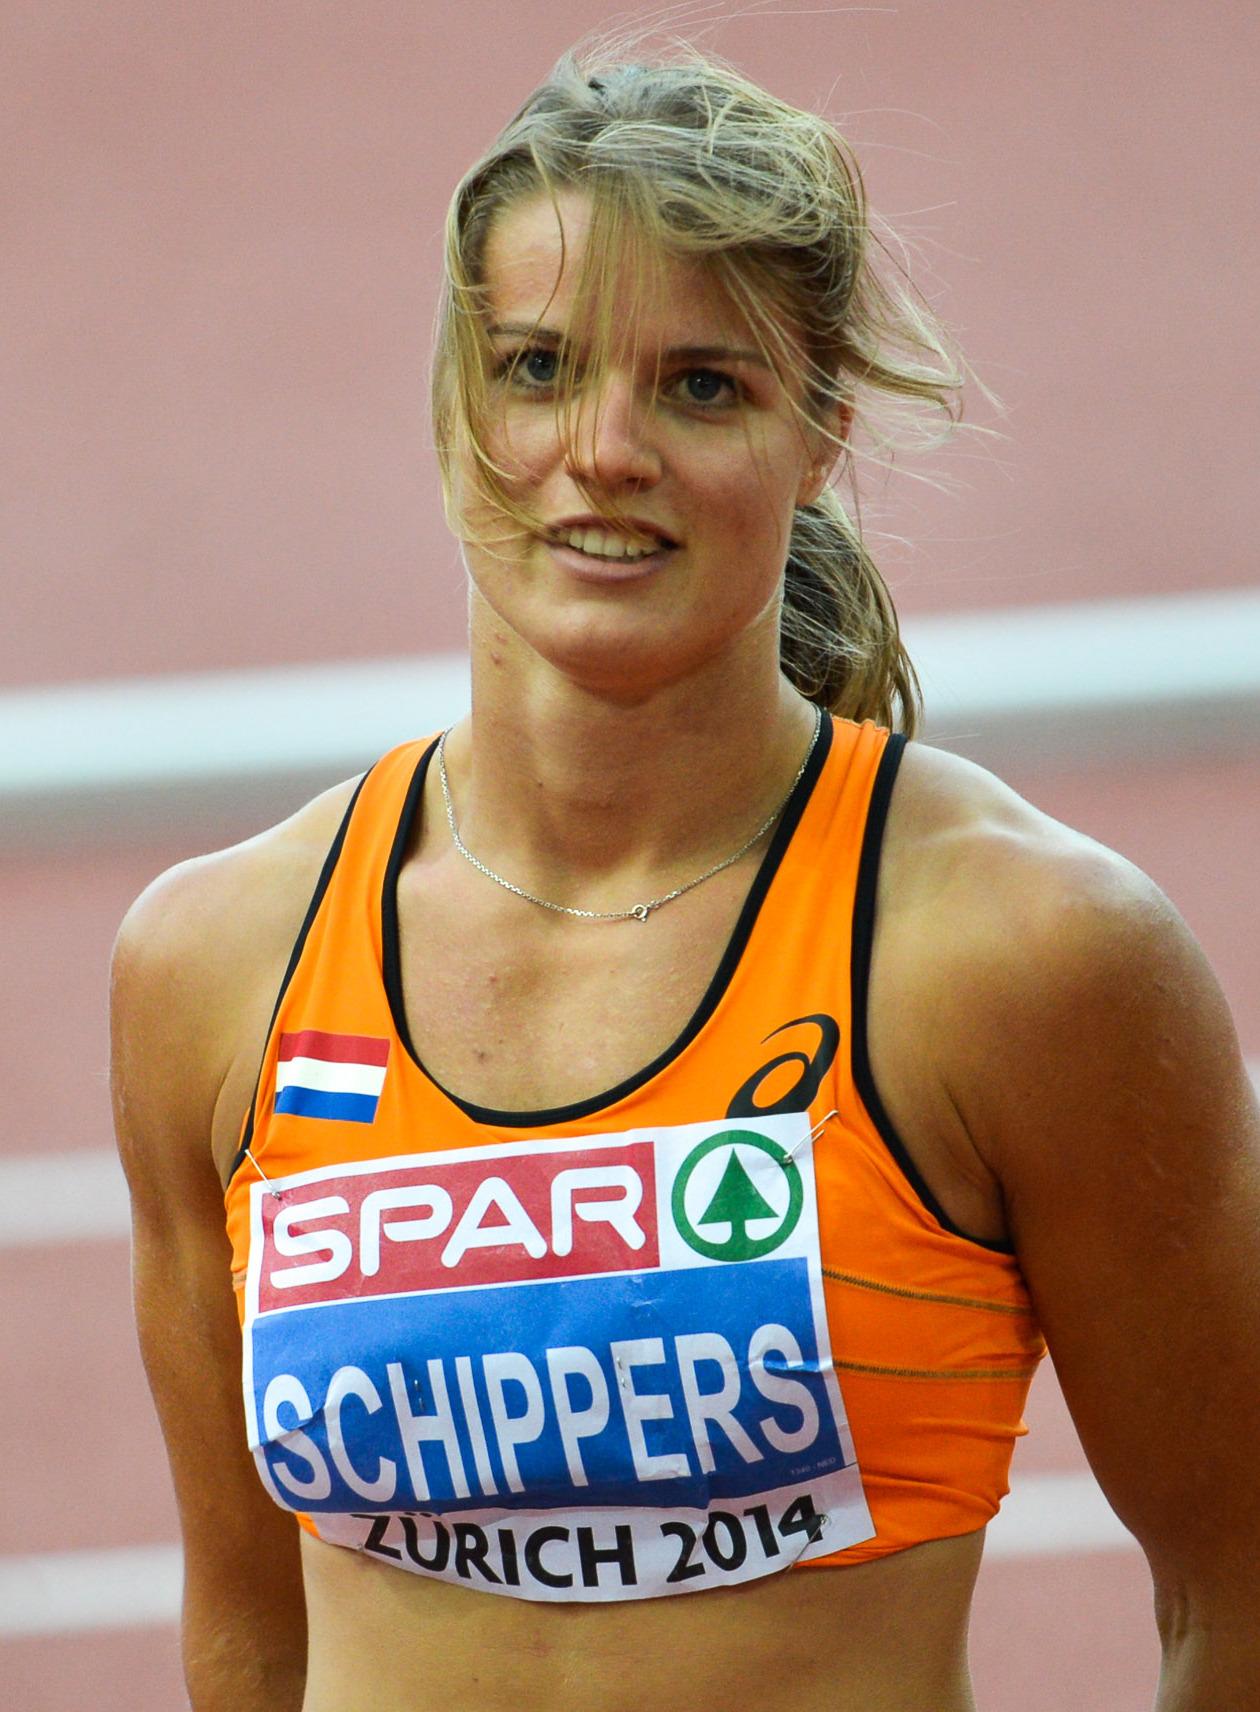 Dafne Schippers Zurich 2014 2.jpg